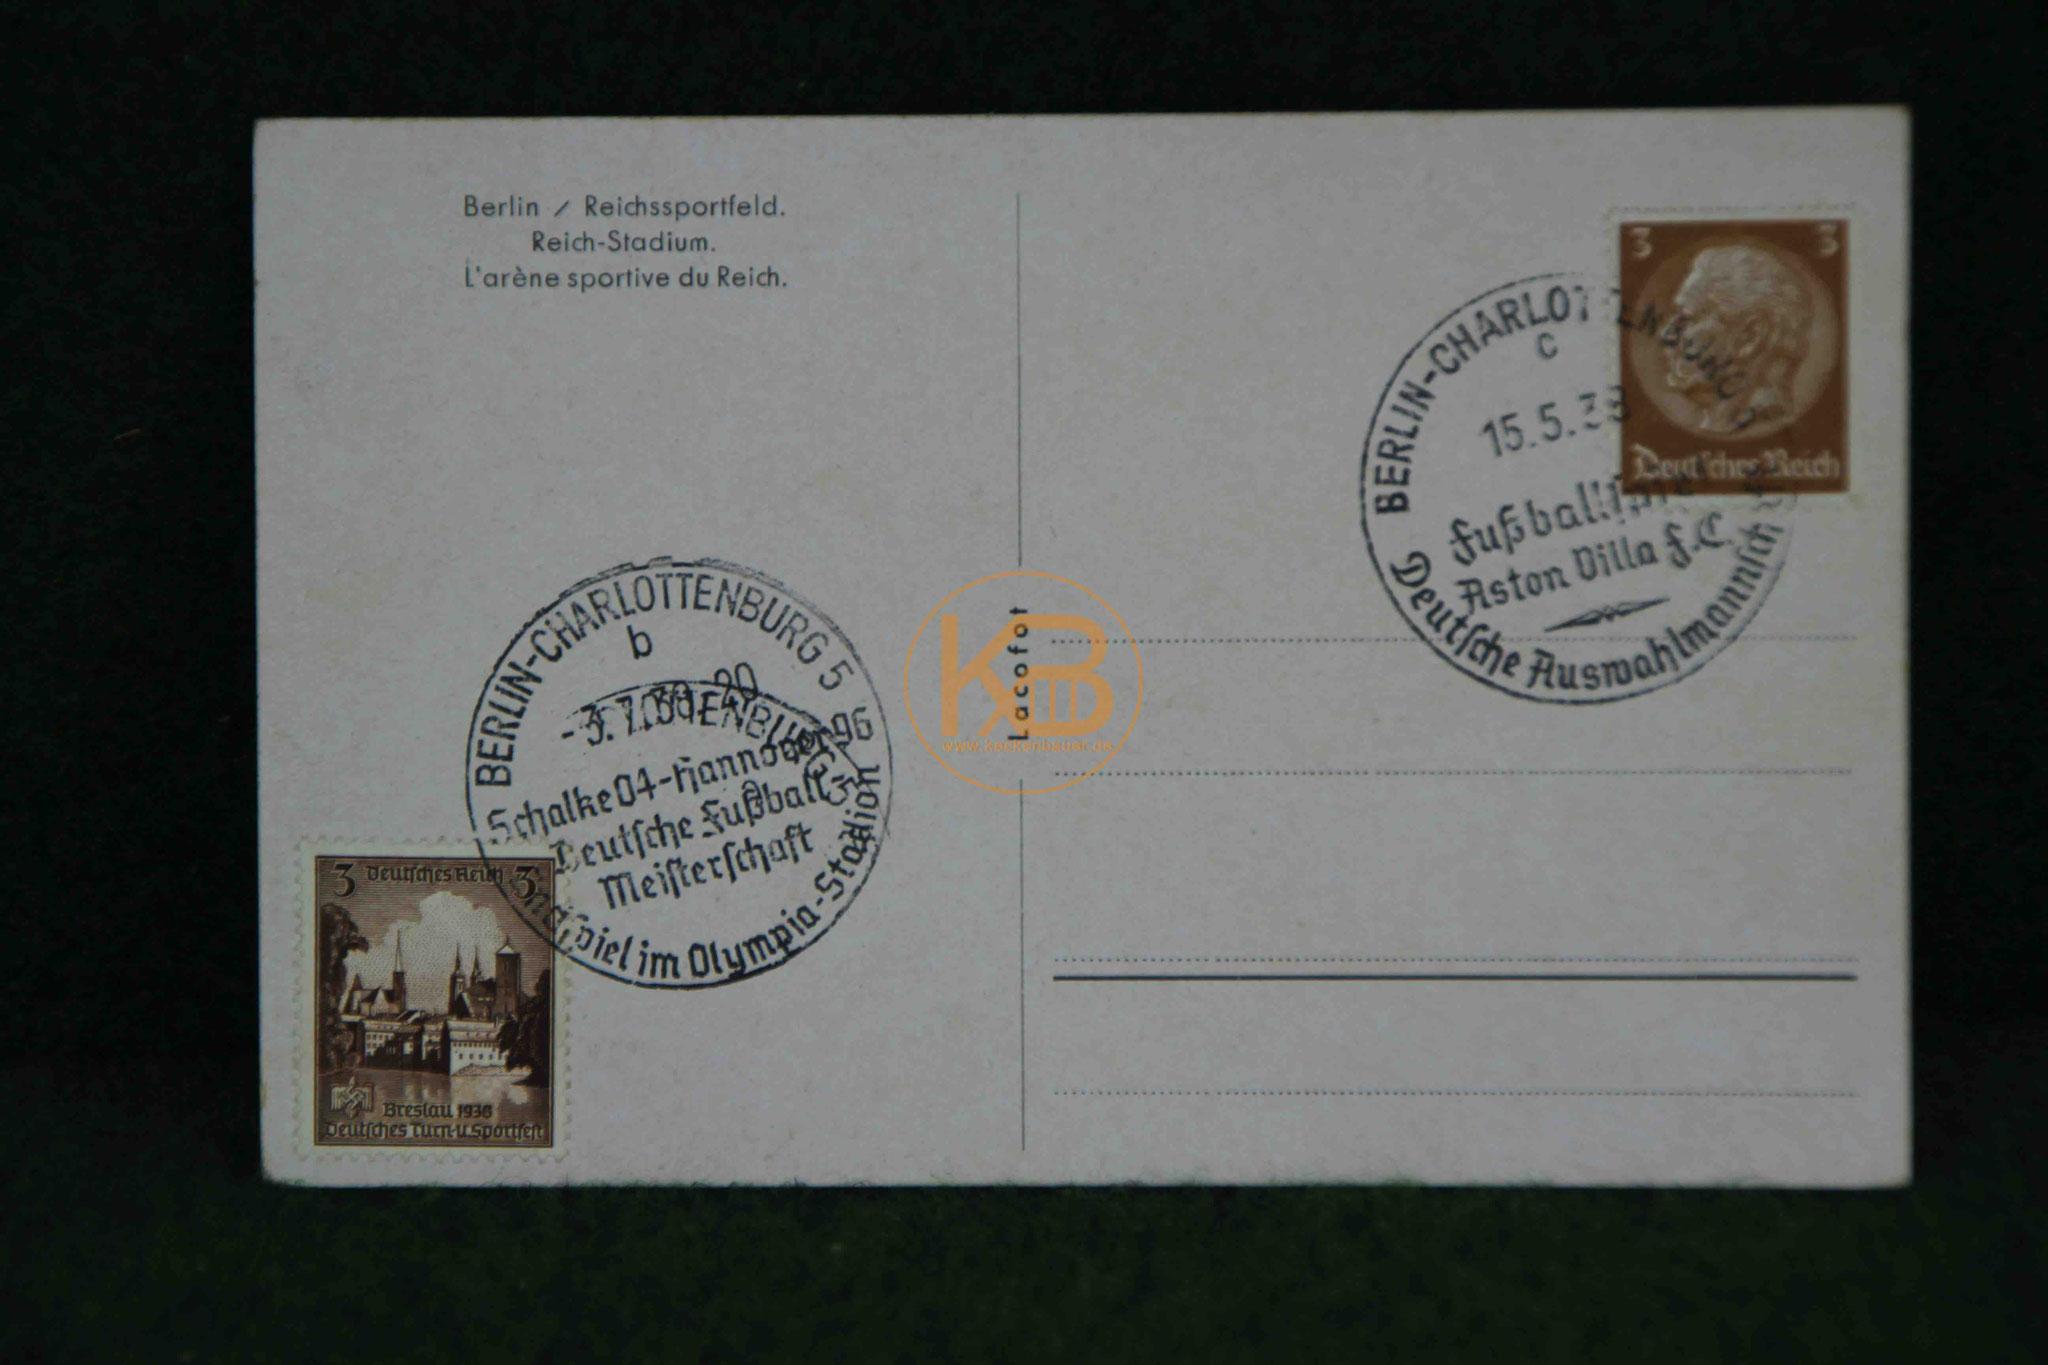 Postkarte vom Berliner Olympiastadion aus dem Jahr 1938 anläßlich der des Finals der deutschen Meisterschaft zwischen Hannover96 und Schalke04 sowie  dem Spiel einer deutschen Auswahlmannschaft gegen  Aston Villa 2/2